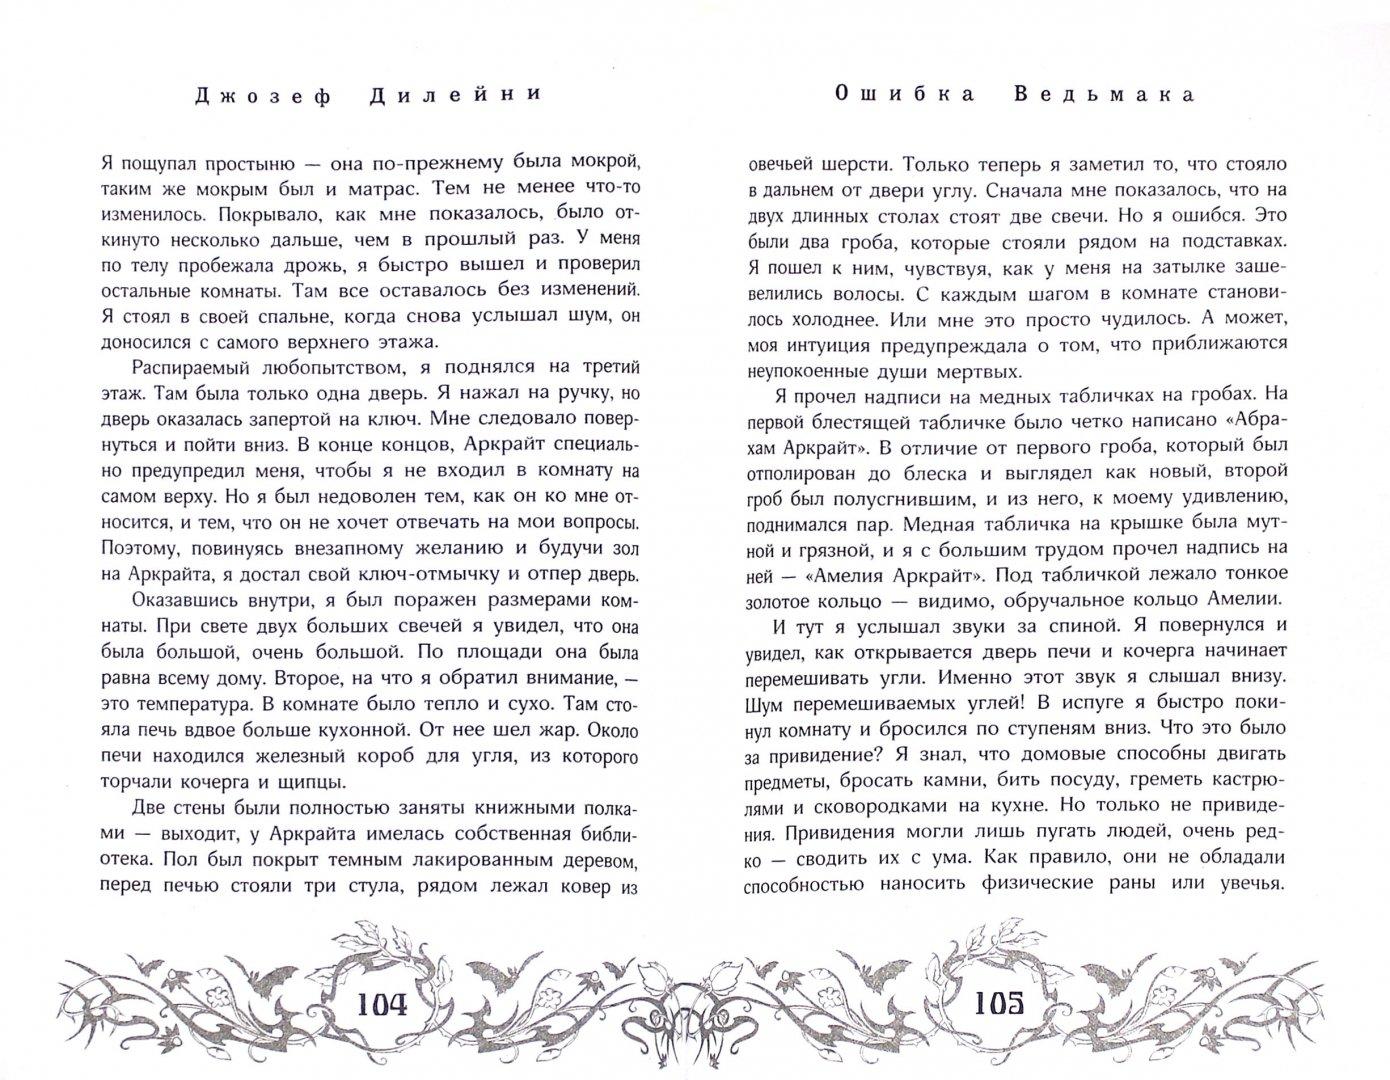 Иллюстрация 1 из 16 для Ошибка Ведьмака - Джозеф Дилейни | Лабиринт - книги. Источник: Лабиринт